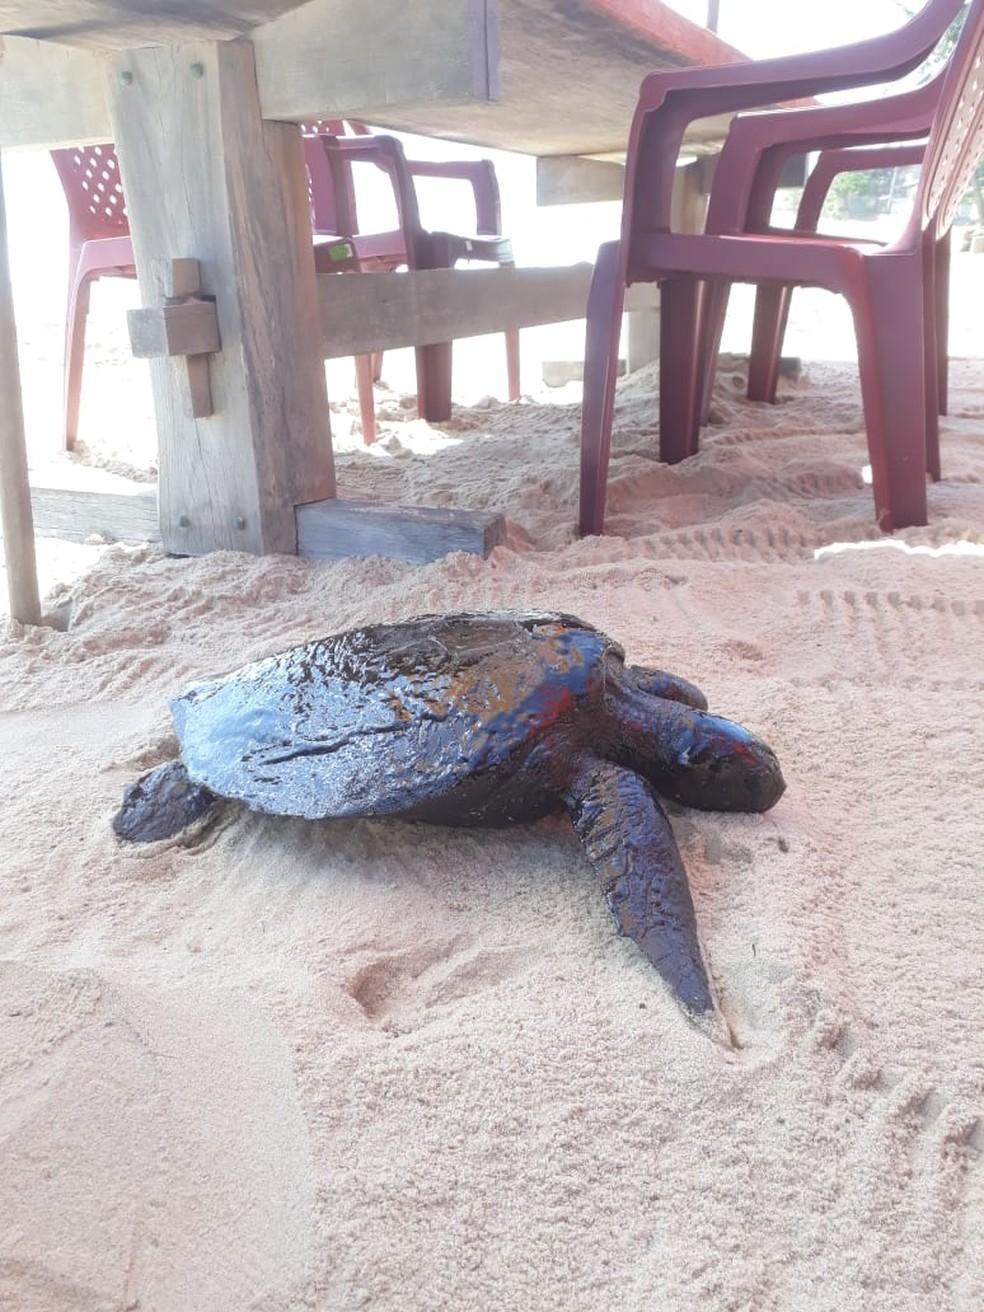 Tartaruga foi encontrada com vida em Sagi, RN, mas não resistiu à contaminação pelo óleo e morreu — Foto: Projeto Cetáceos da Costa Branca